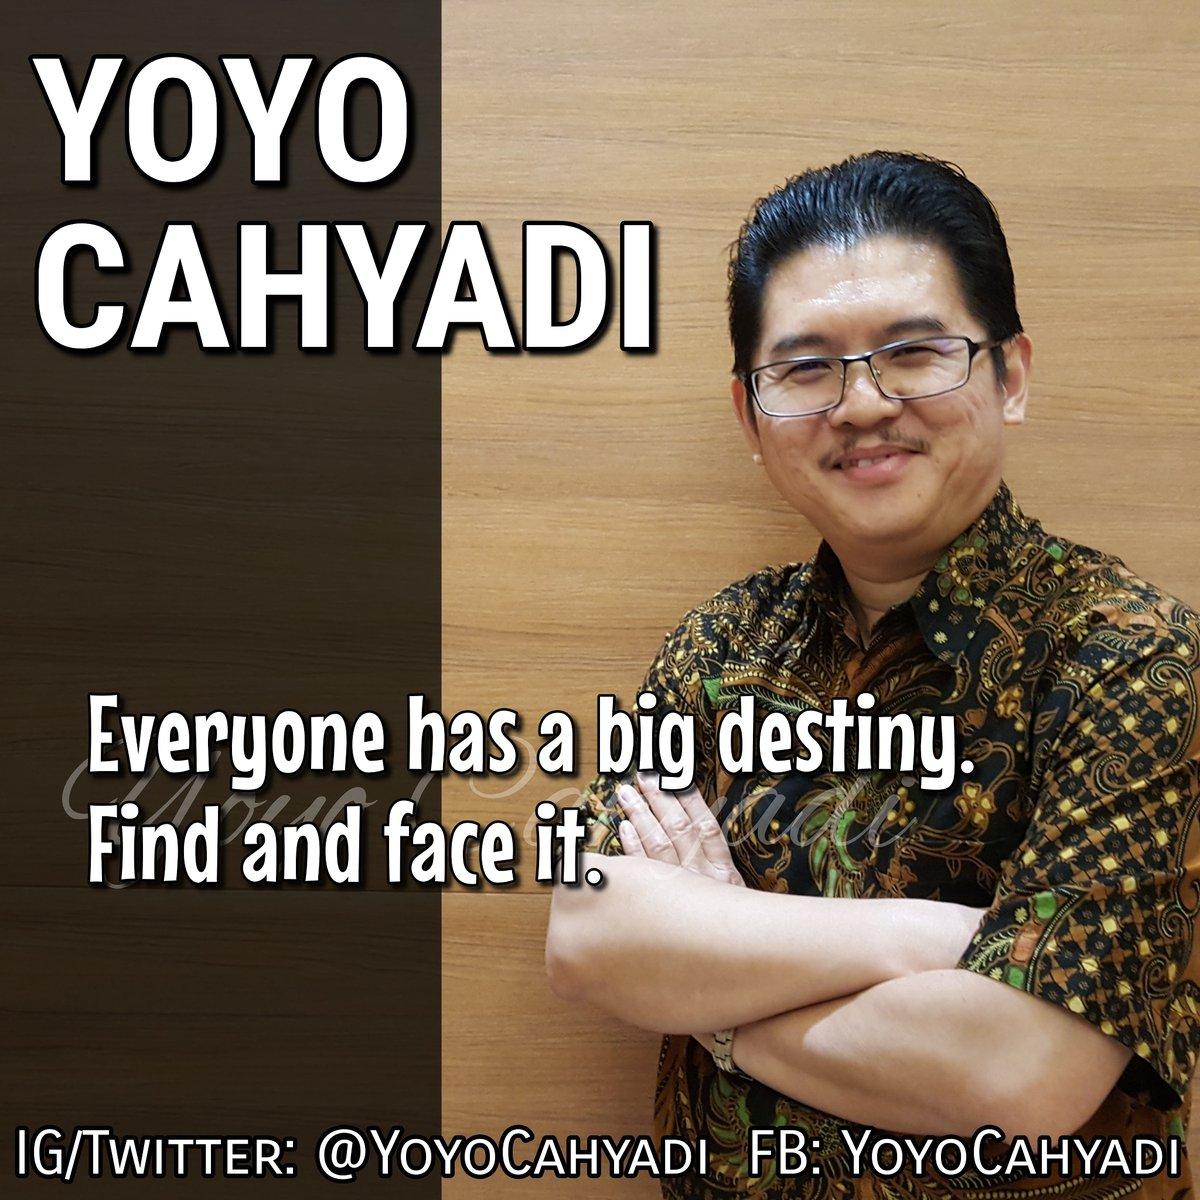 Everyone has a big destiny. Find and face it.  #YoyoCahyadi #successcoach #motivatorindonesia #inspirasi #inspiration #sahabat #sahabatinspirasi #katabijak #katamotivasi #wisdom #motivasi #motivation #coaching #mentoring #sukses #success #big #destiny #find #facepic.twitter.com/4ohDeoRjUQ